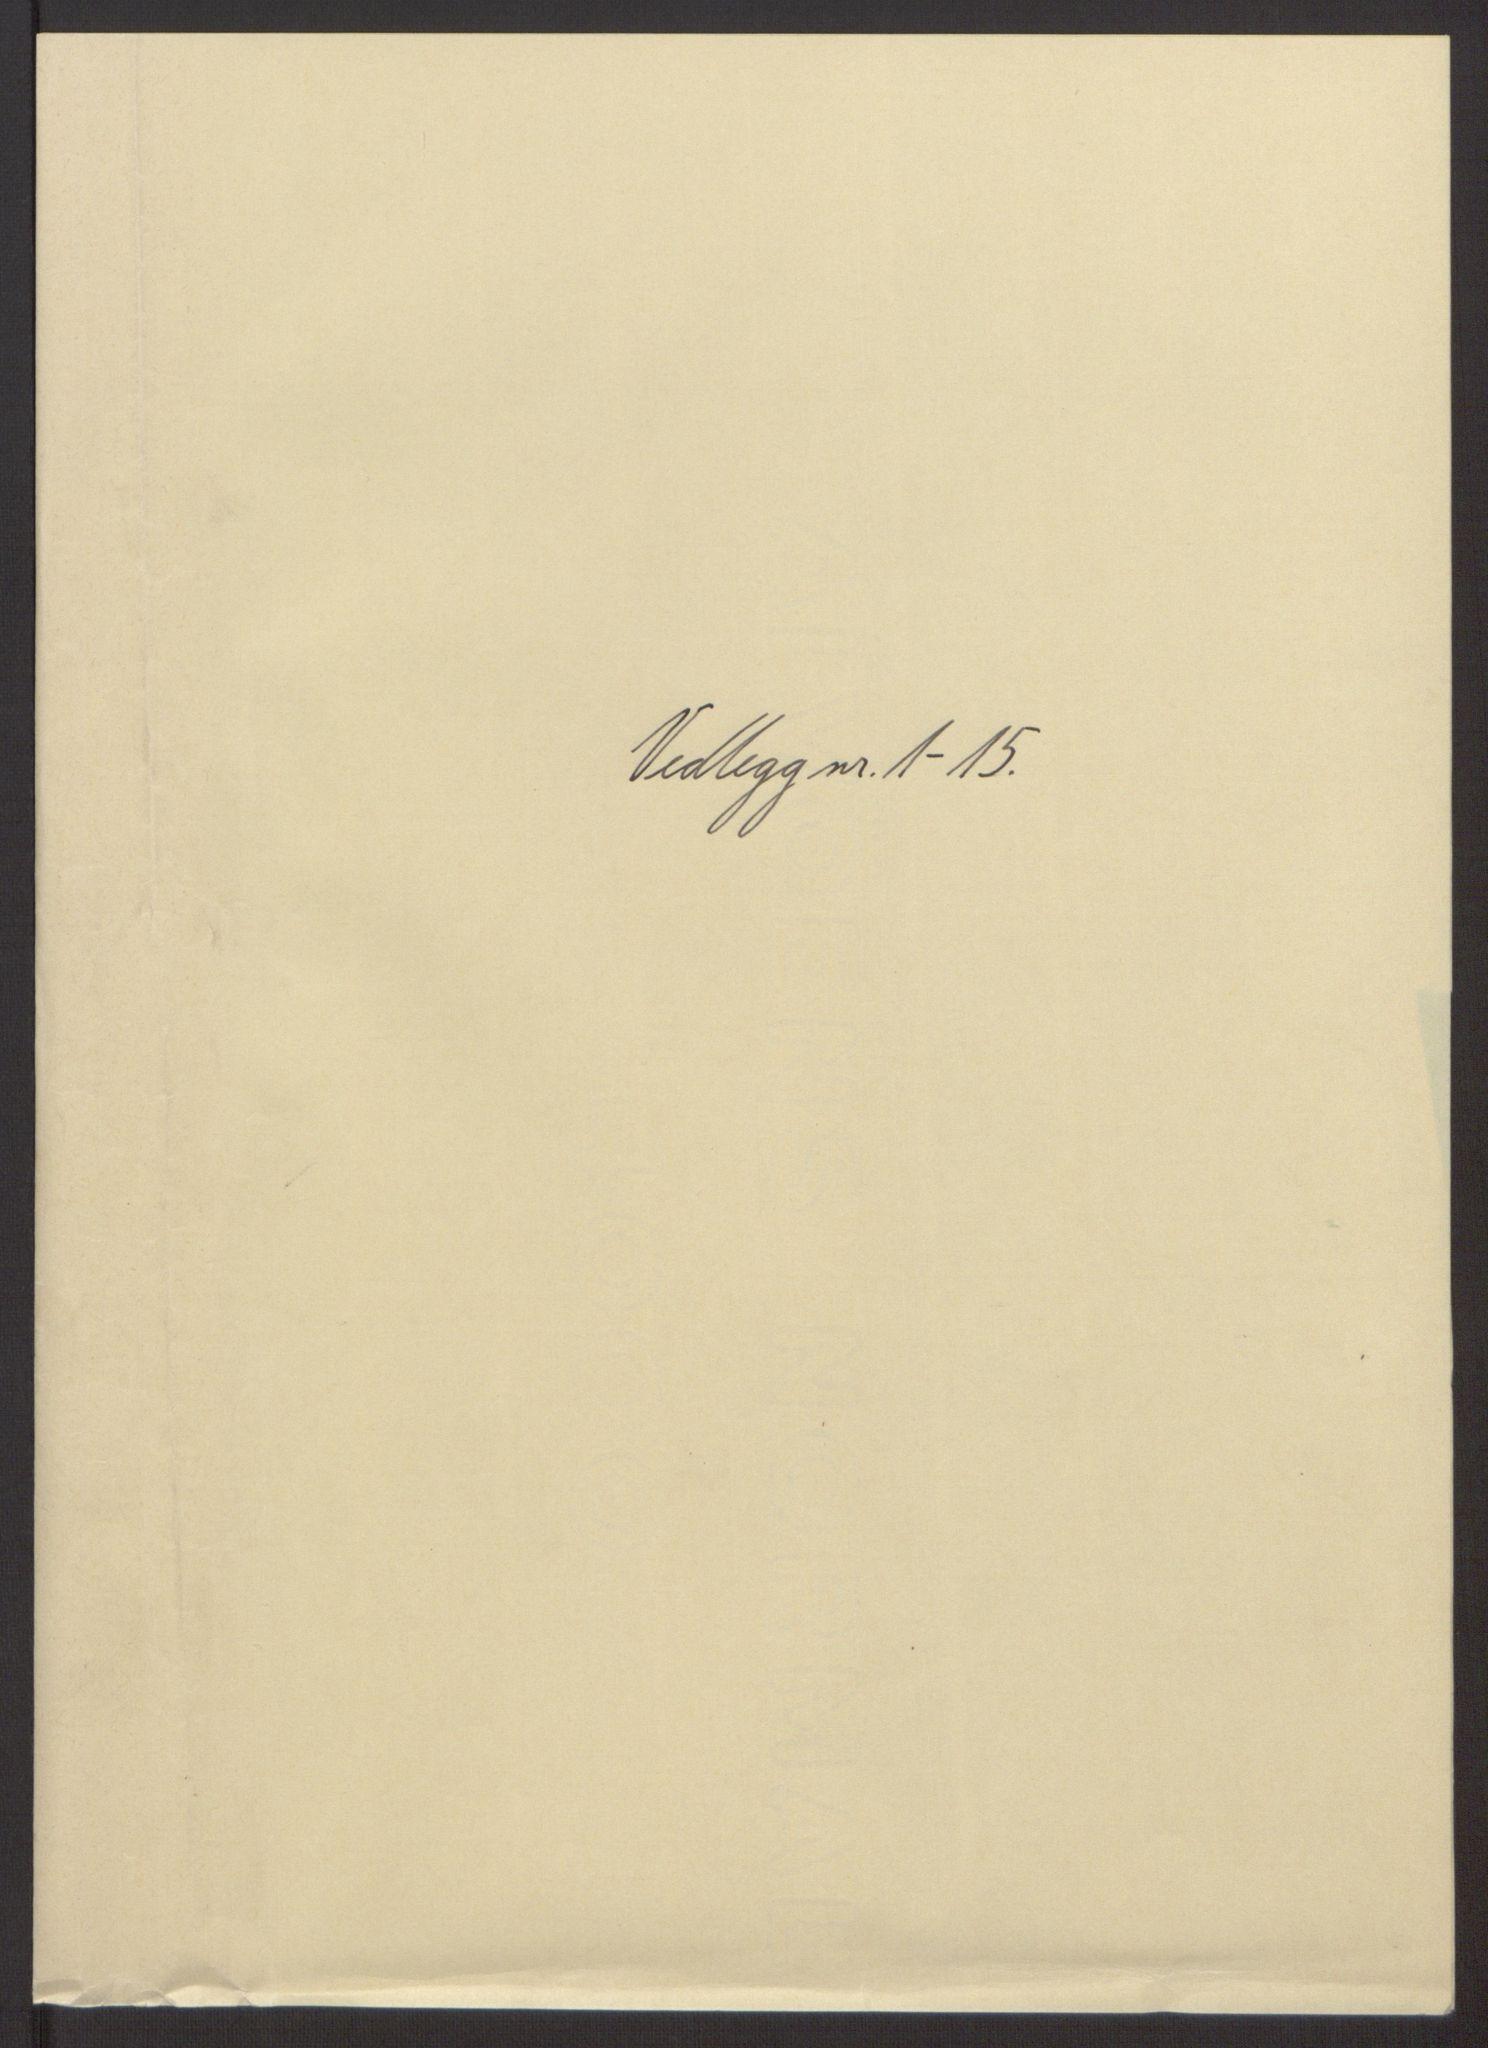 RA, Rentekammeret inntil 1814, Reviderte regnskaper, Fogderegnskap, R58/L3937: Fogderegnskap Orkdal, 1691-1692, s. 405